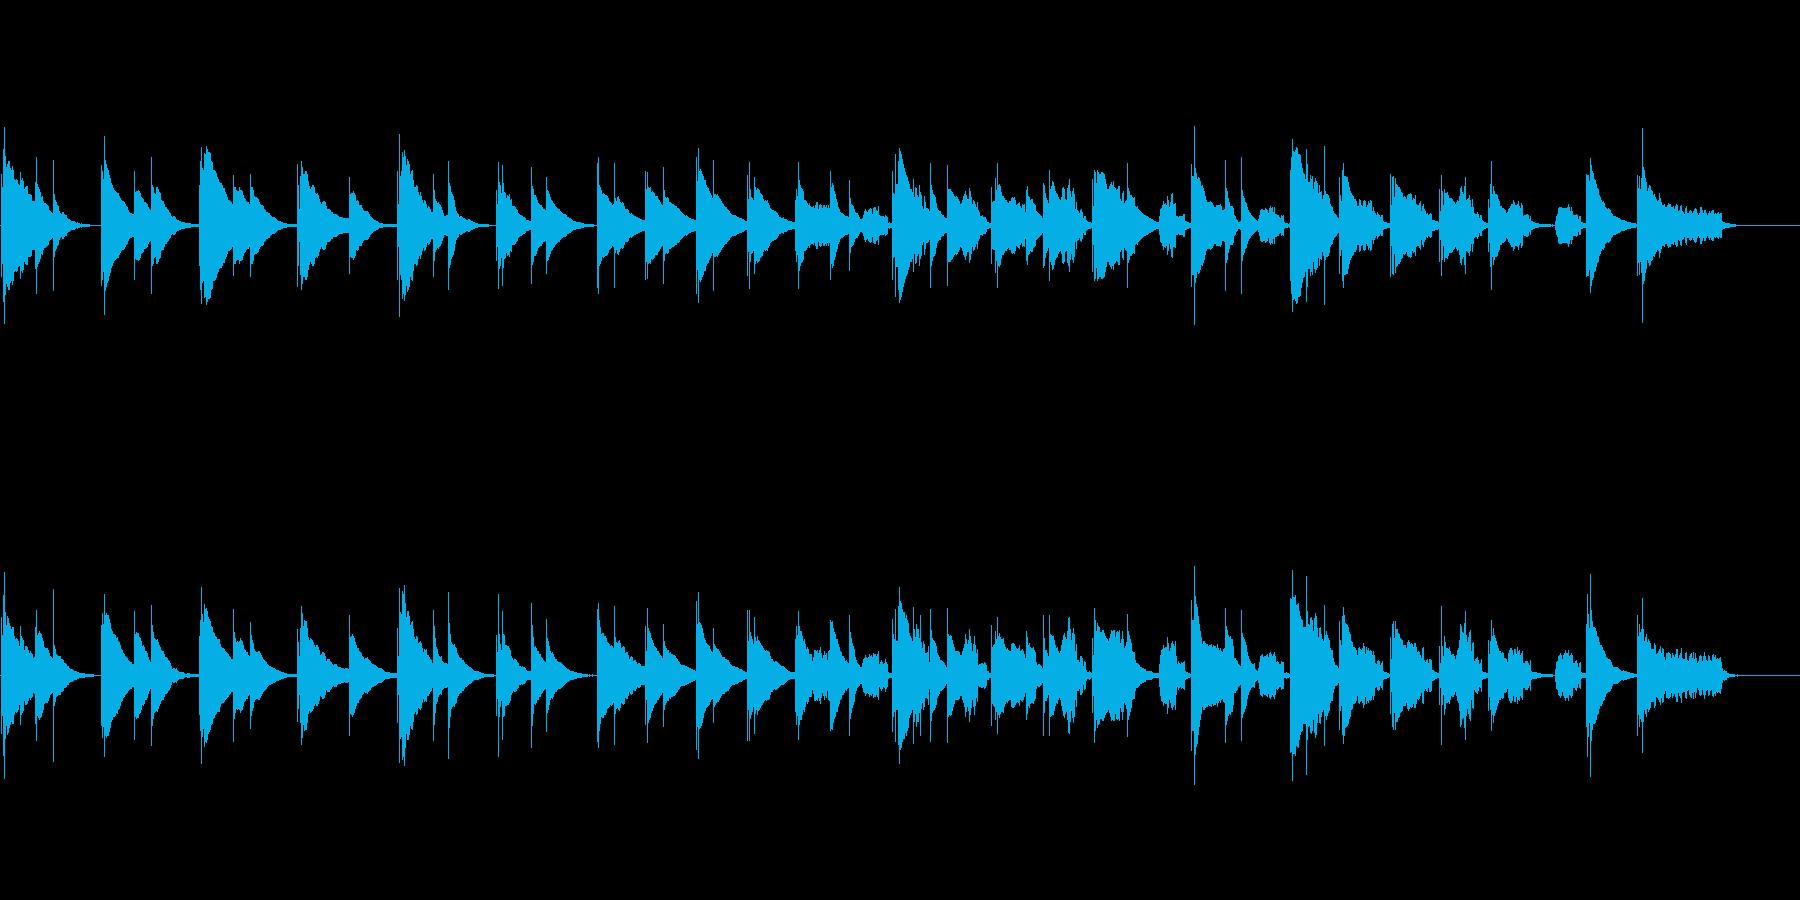 さびしい回想シーンの音楽の再生済みの波形